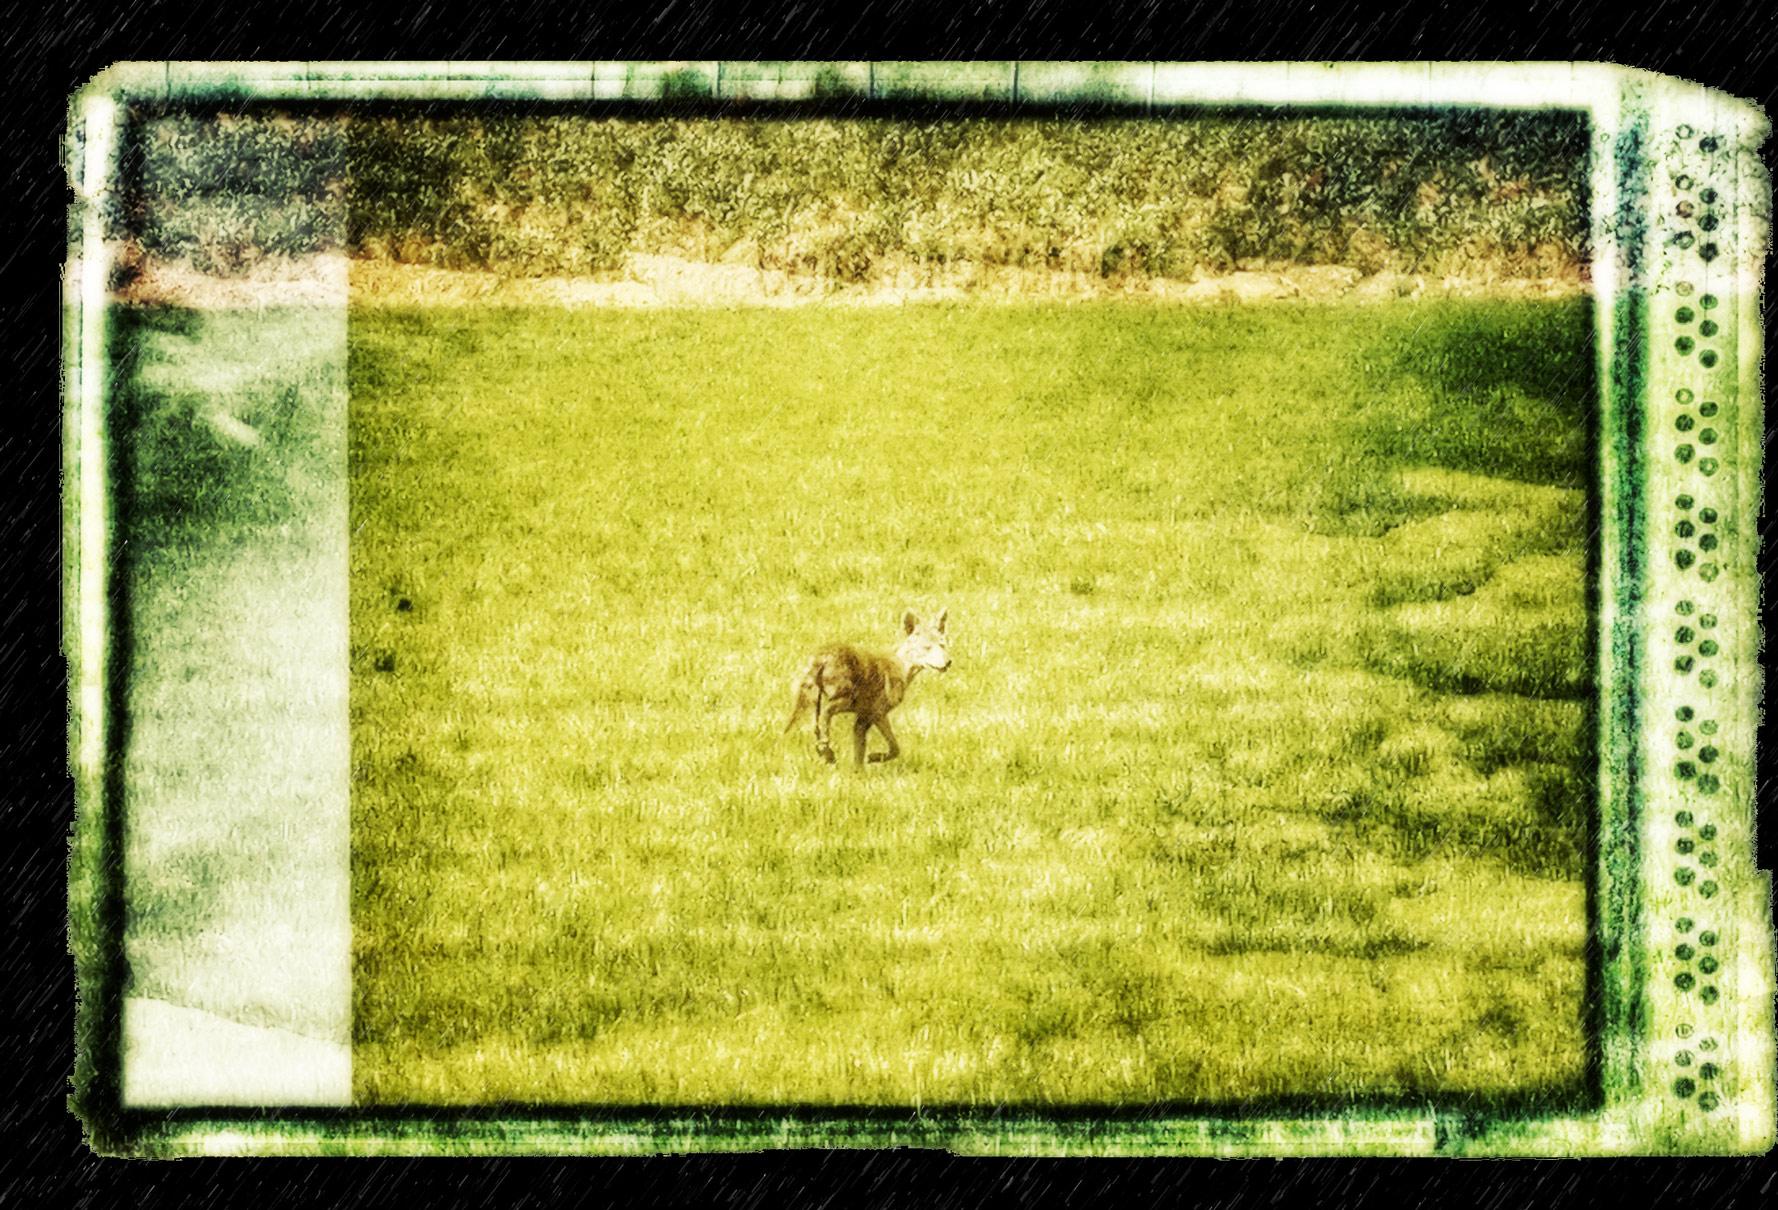 Coyote Pretty